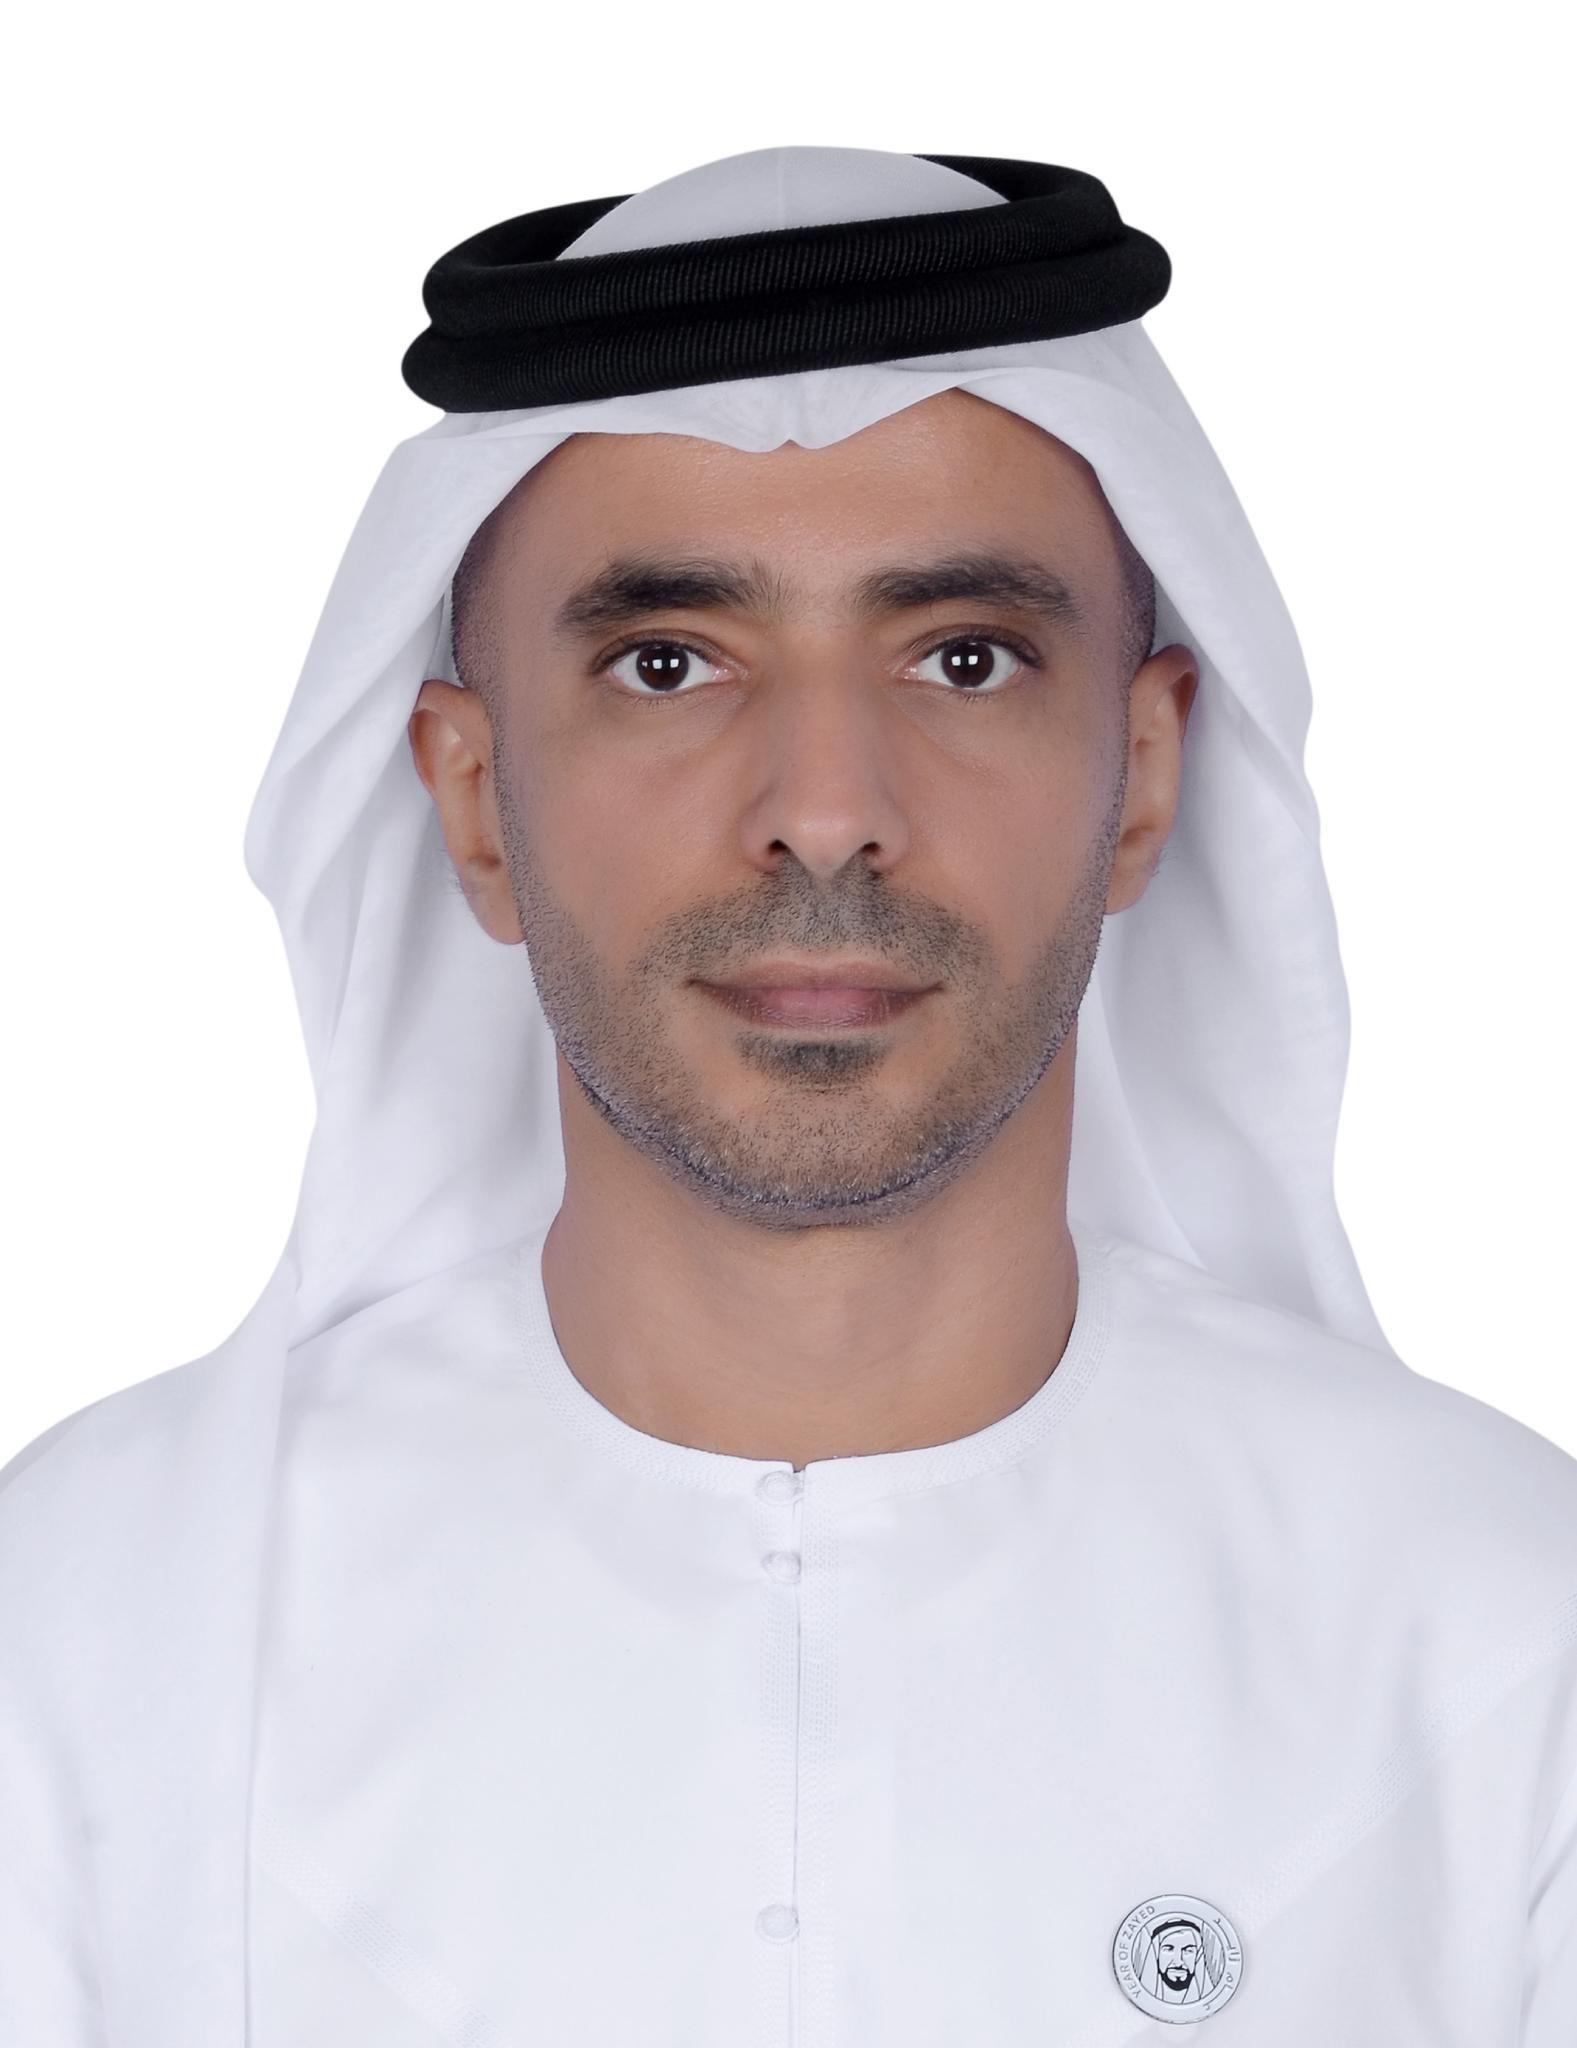 Adeeb Al Afeefi